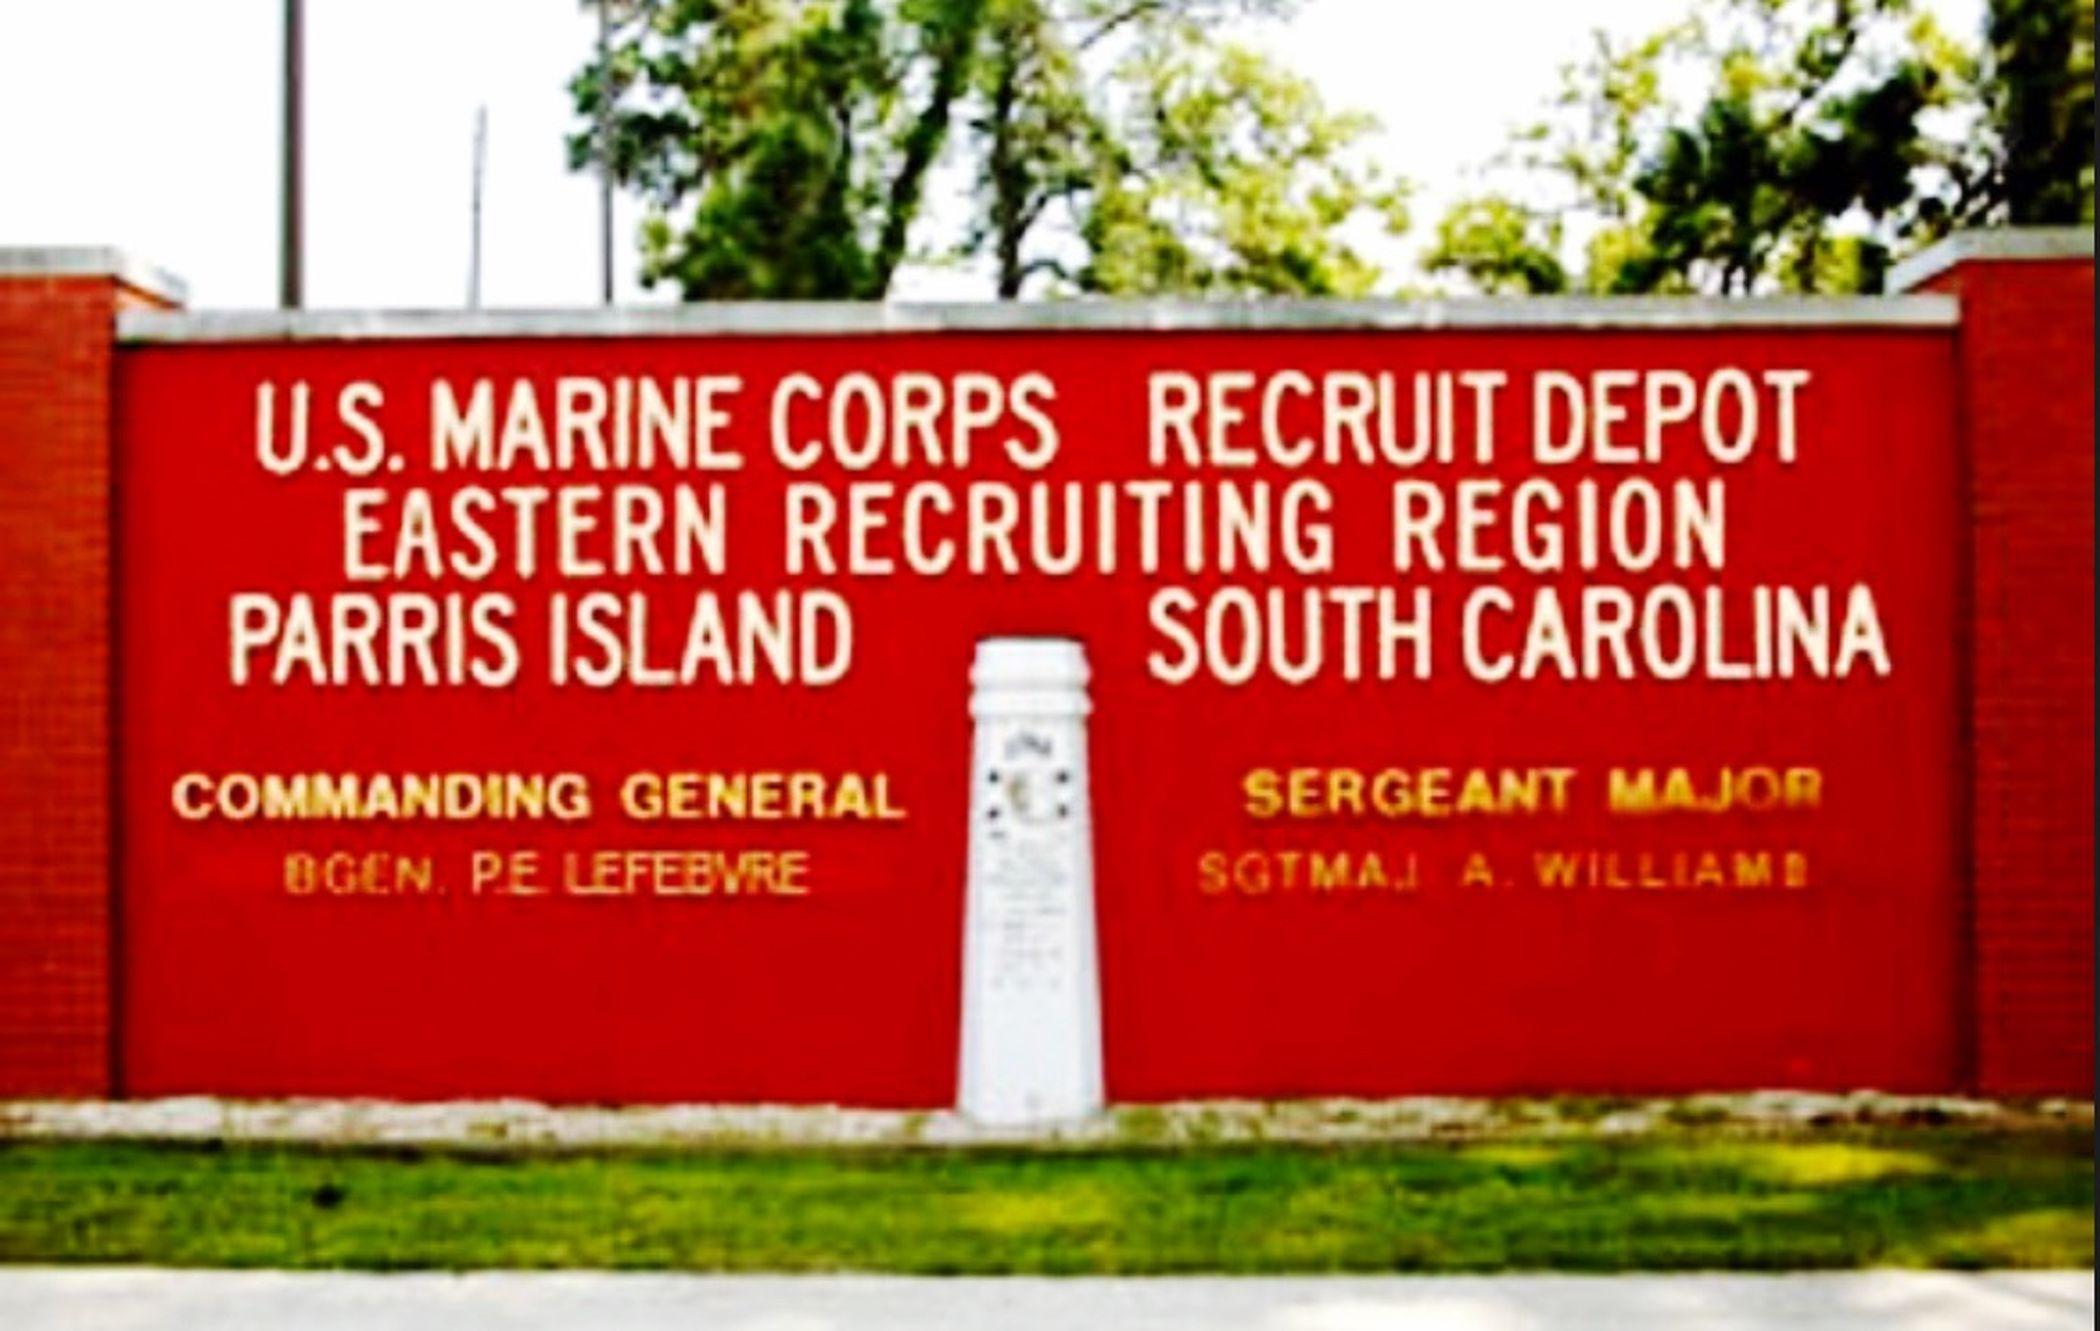 USMC Recruit Depo Parris Island South Carolina USA Us Military USMC Parris Island